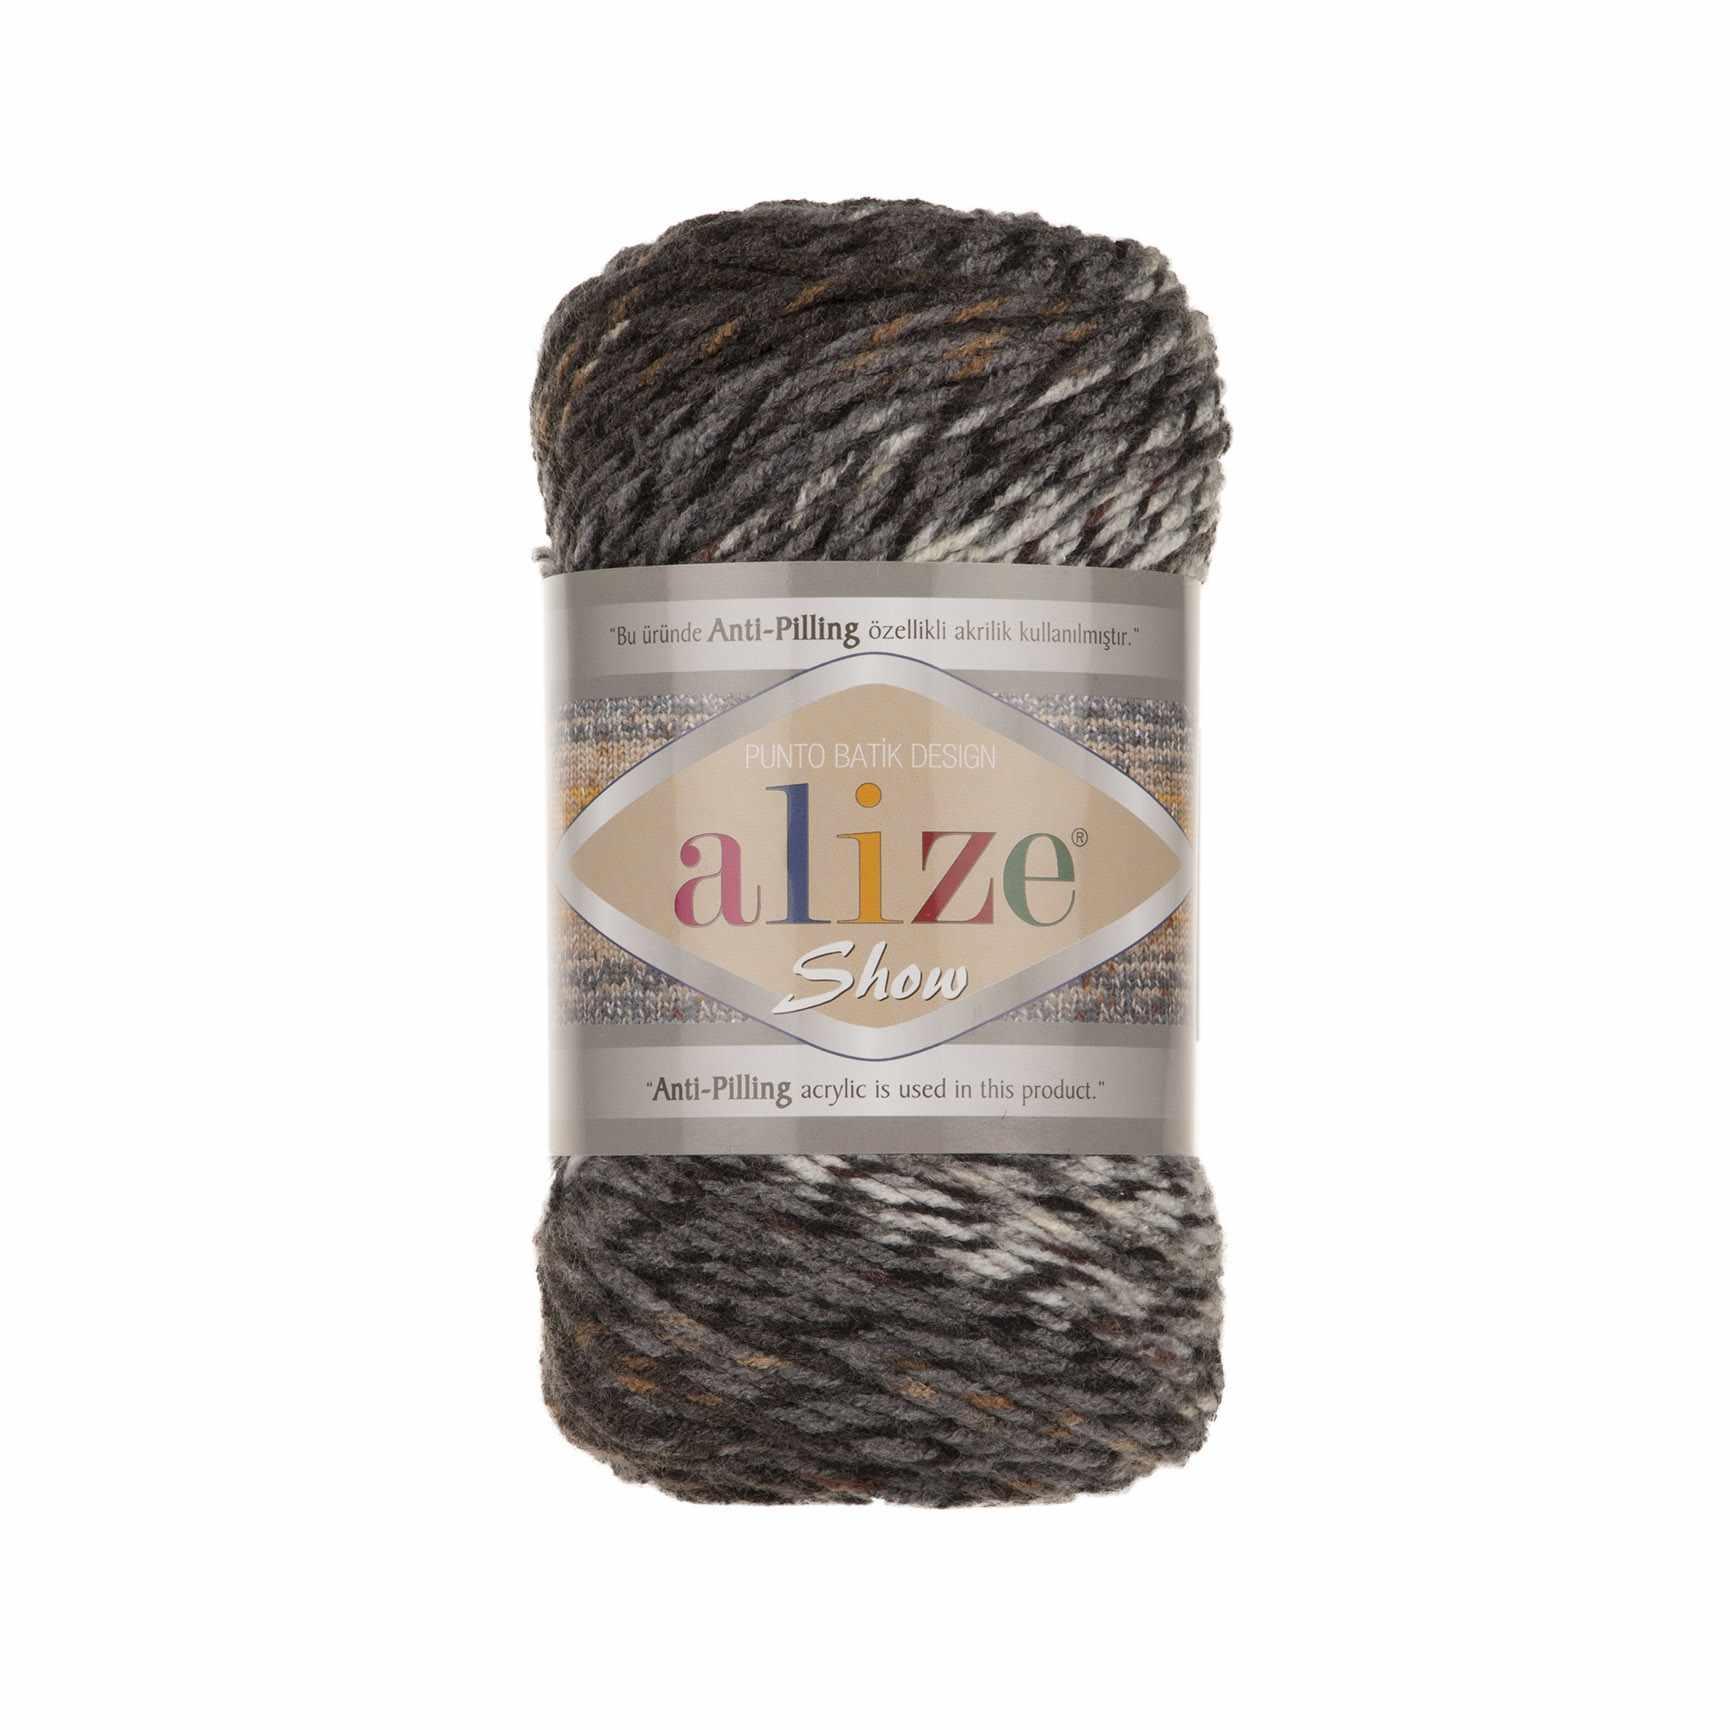 Пряжа Alize SHOW PUNTOBATIKDESIGN Цвет.6362 Бело-серый-черный